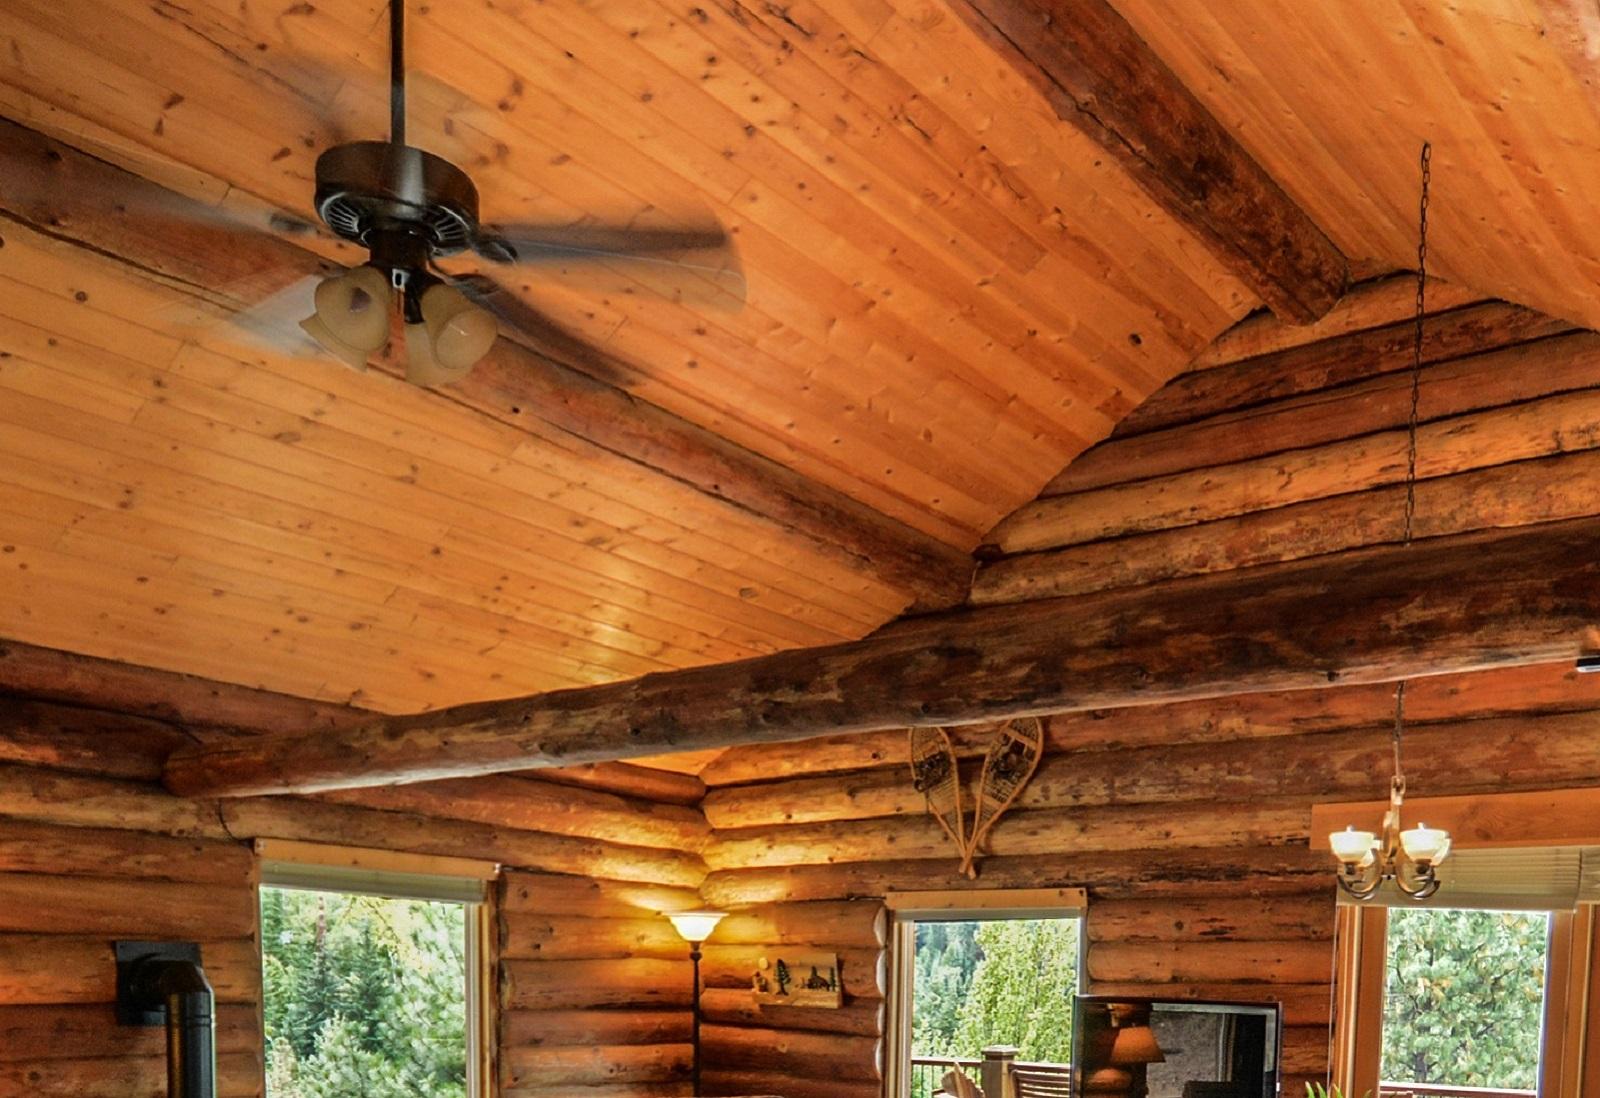 Mobilier Pour Chalet Montagne meubles en bois : pour une ambiance chalet de montagne - le blog